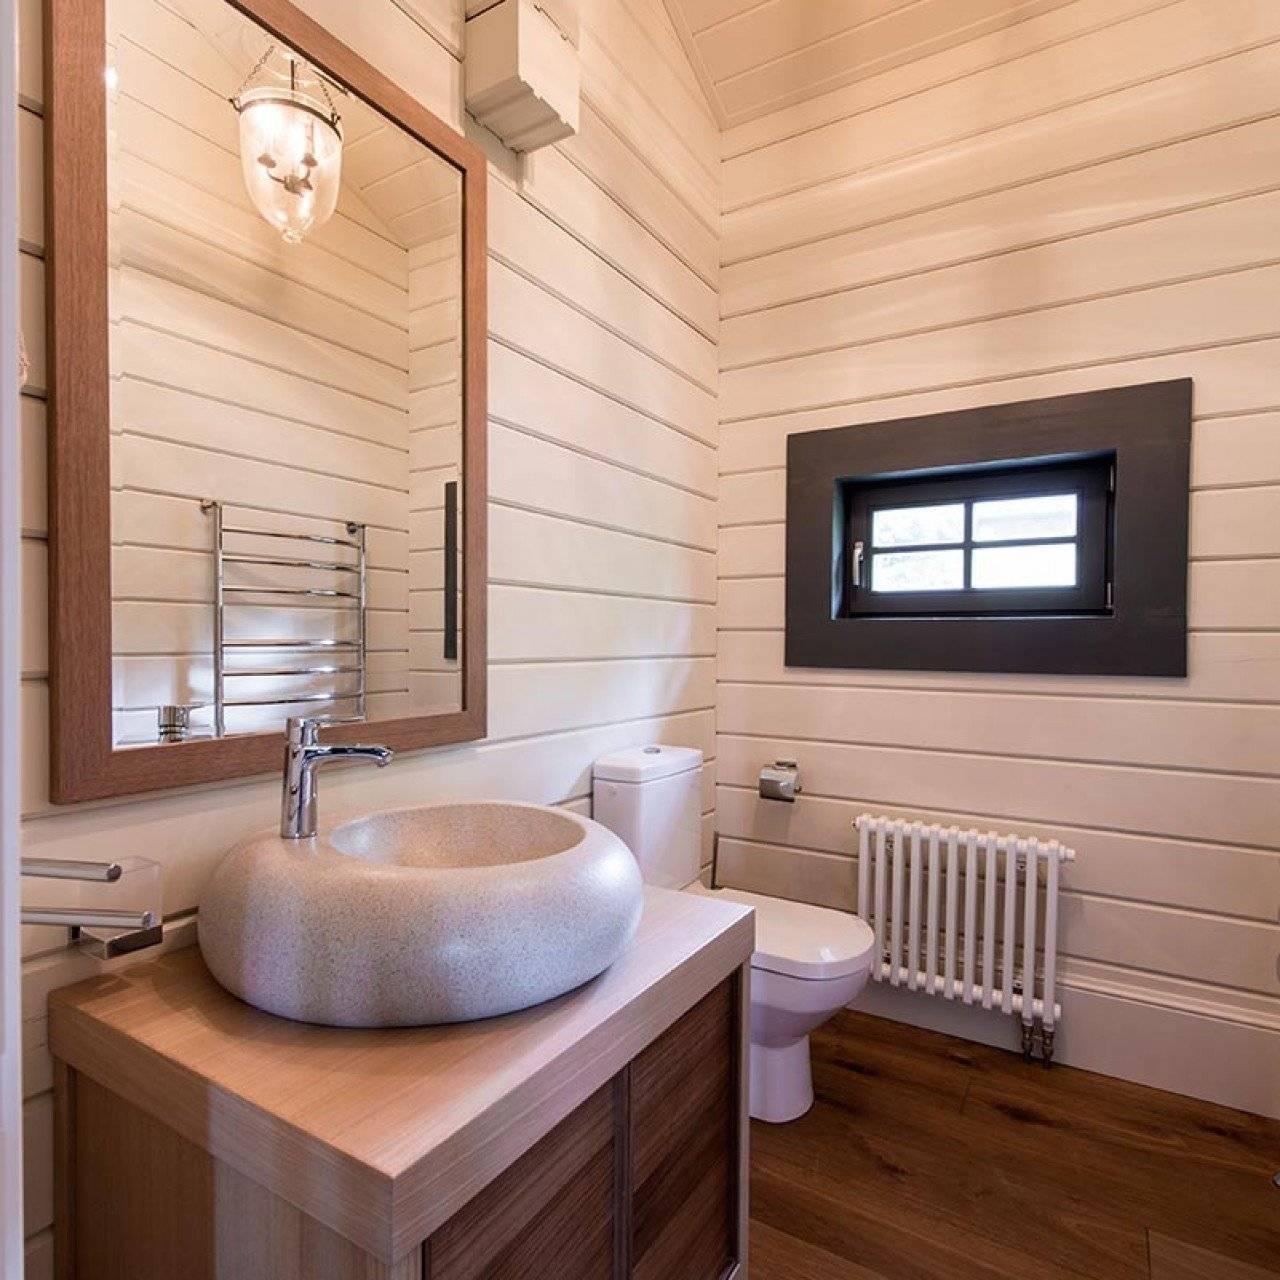 Дизайн ванной в деревянном доме (200+ фото): отделка своими руками (потолок, пол, стены)